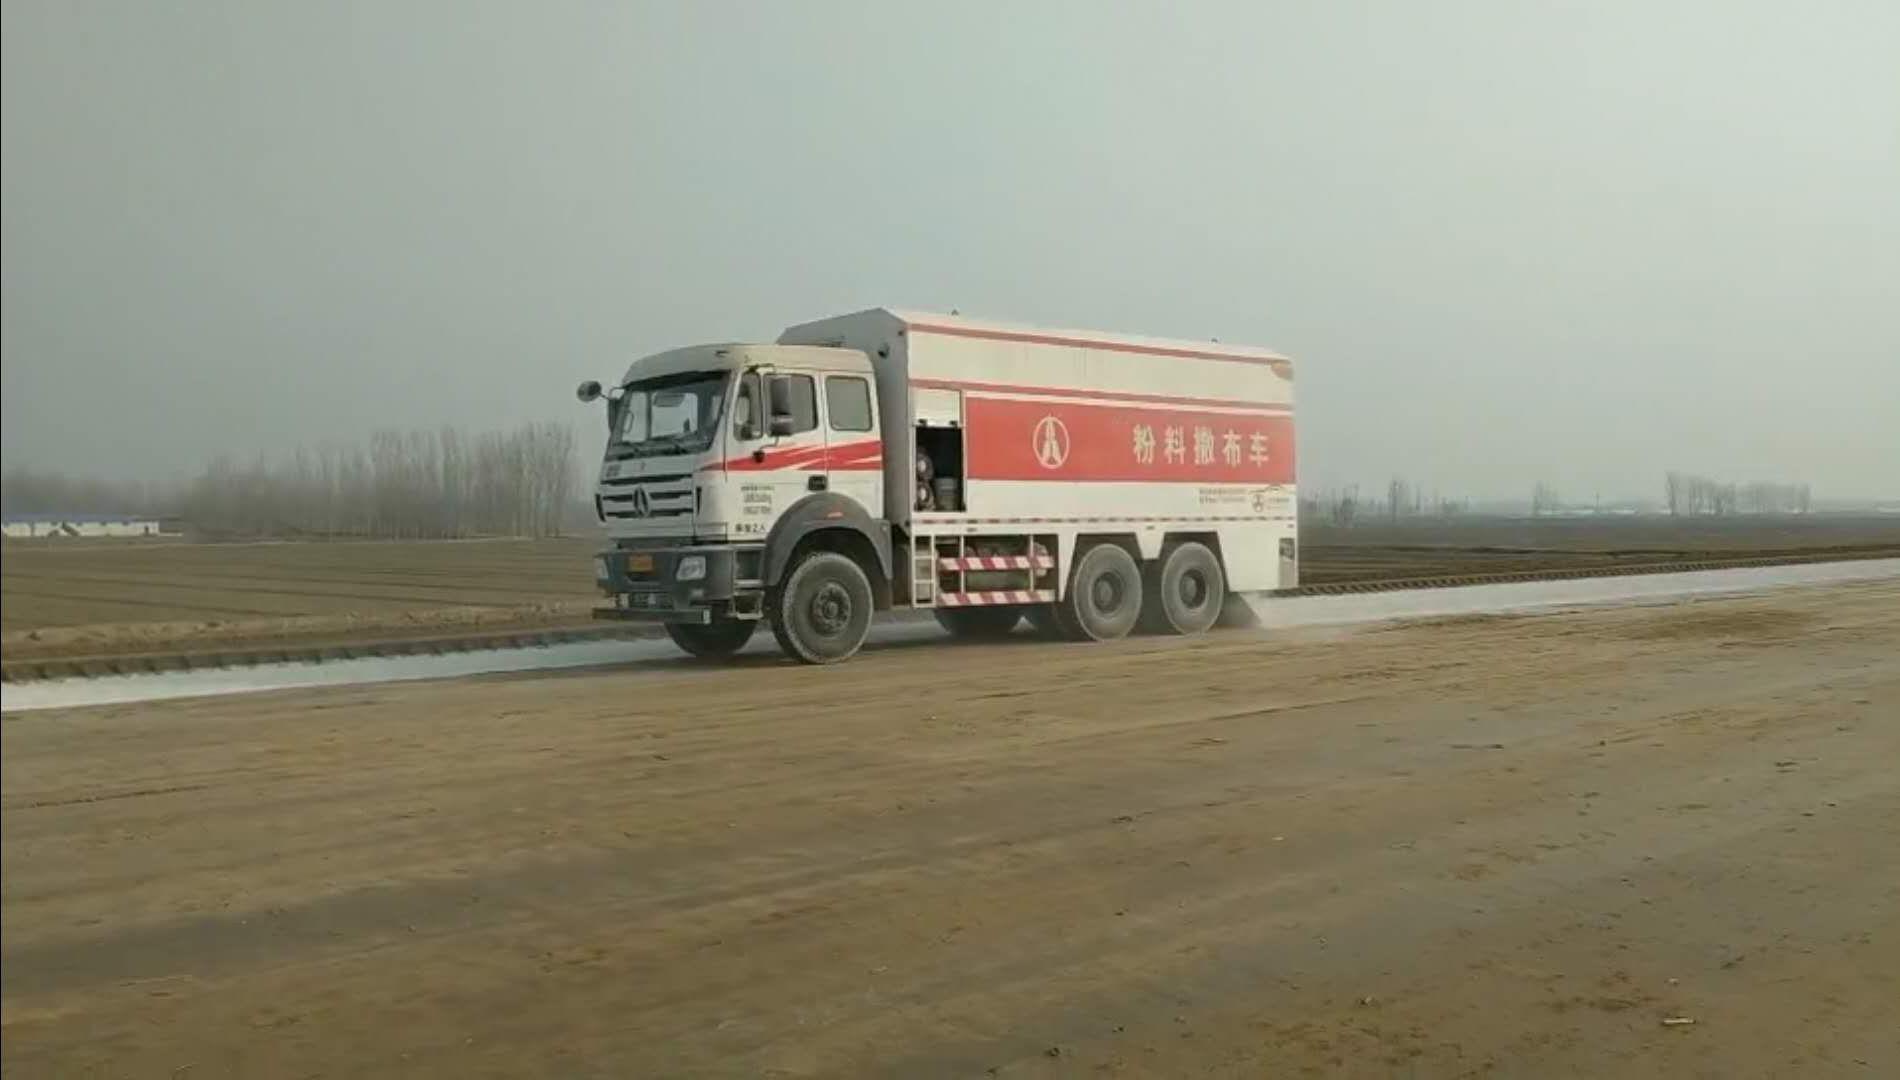 沥青水泥撒布车里面的沥青喷不出来是什么原因?